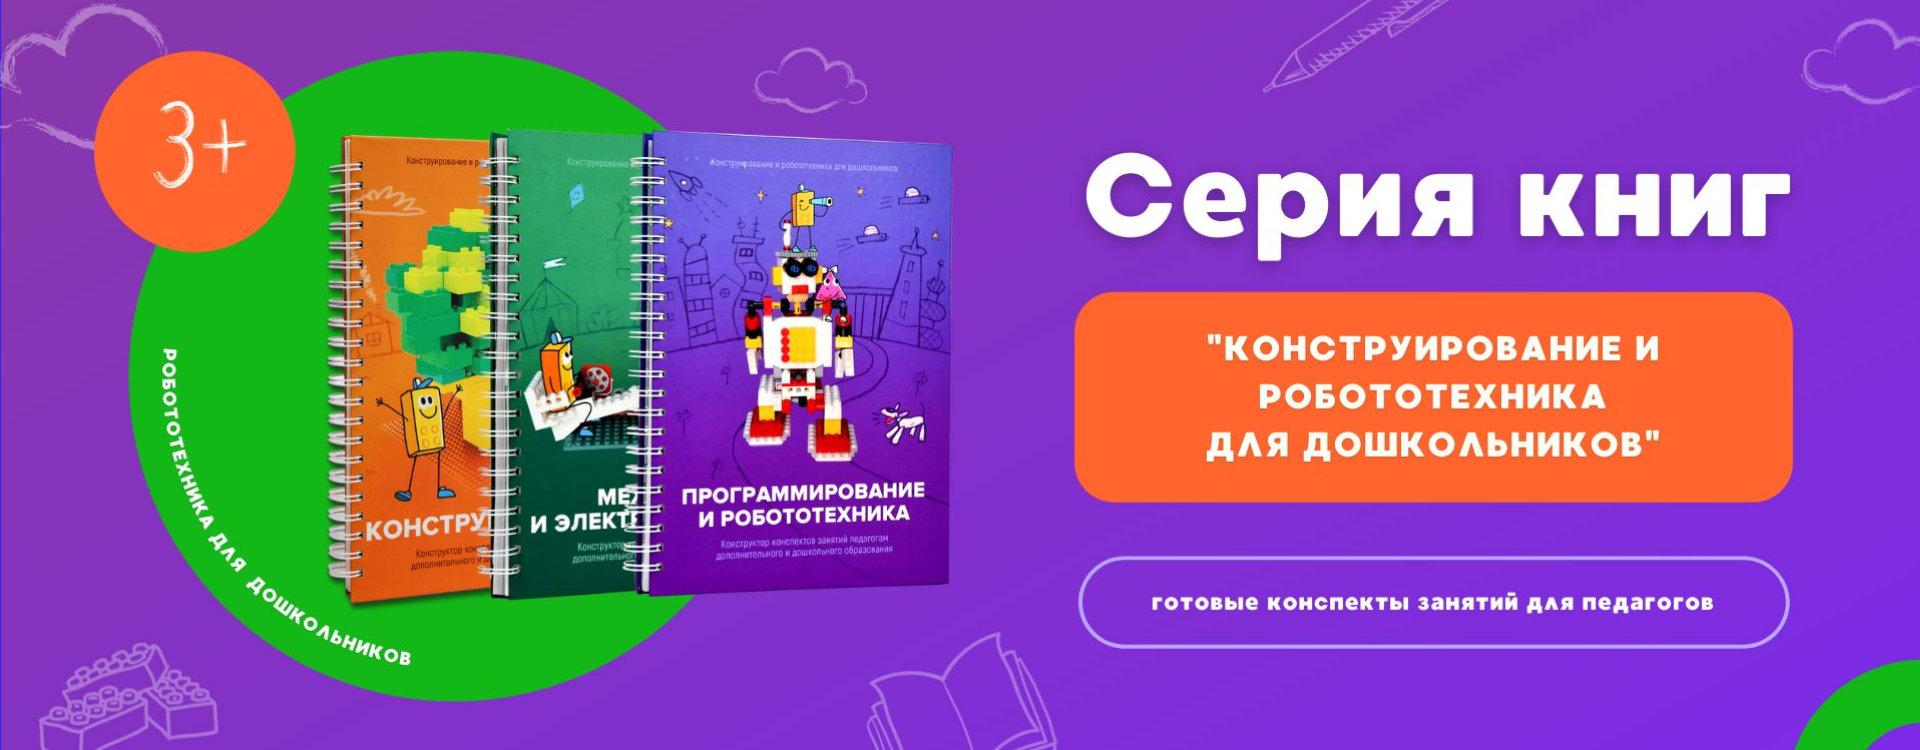 Серия книг Конструирование и робототехника для дошкольников